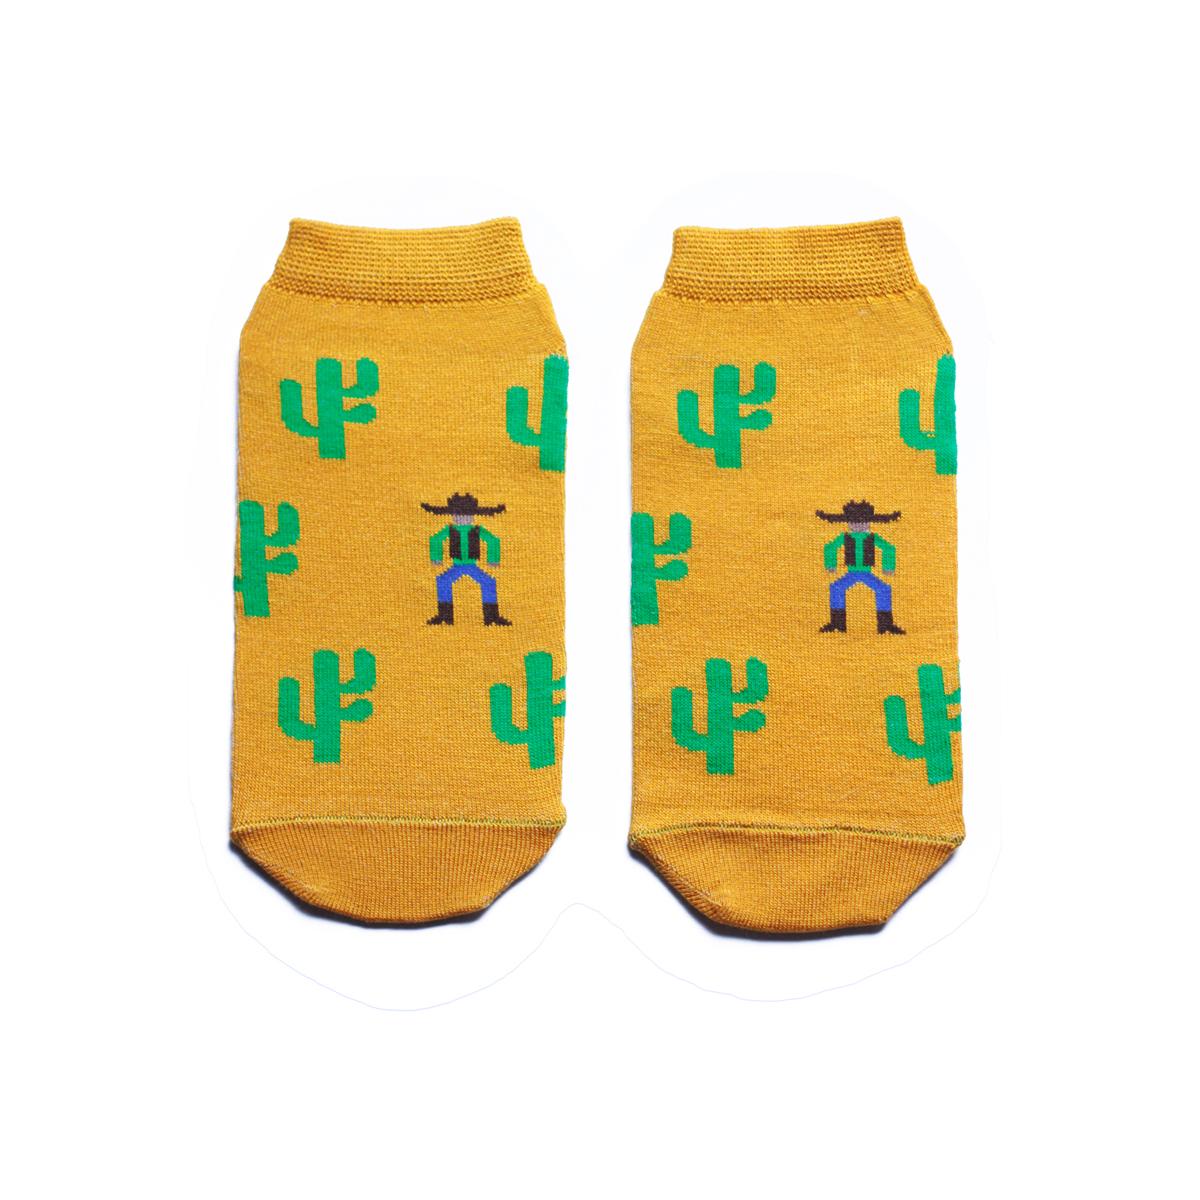 Носкиs2132Укороченные мужские носки Big Bang Socks изготовлены из высококачественного хлопка с добавлением полиамидных и эластановых волокон, которые обеспечивают великолепную посадку. Носки отличаются ярким стильным дизайном, они оформлены изображением кактусов и ковбоев. Удобная резинка идеально облегает ногу и не пережимает сосуды, а усиленные пятка и мысок повышают износоустойчивость носка. Дизайнерские носки Big Bang Socks - яркая деталь в вашем образе и оригинальный подарок для друзей и близких.